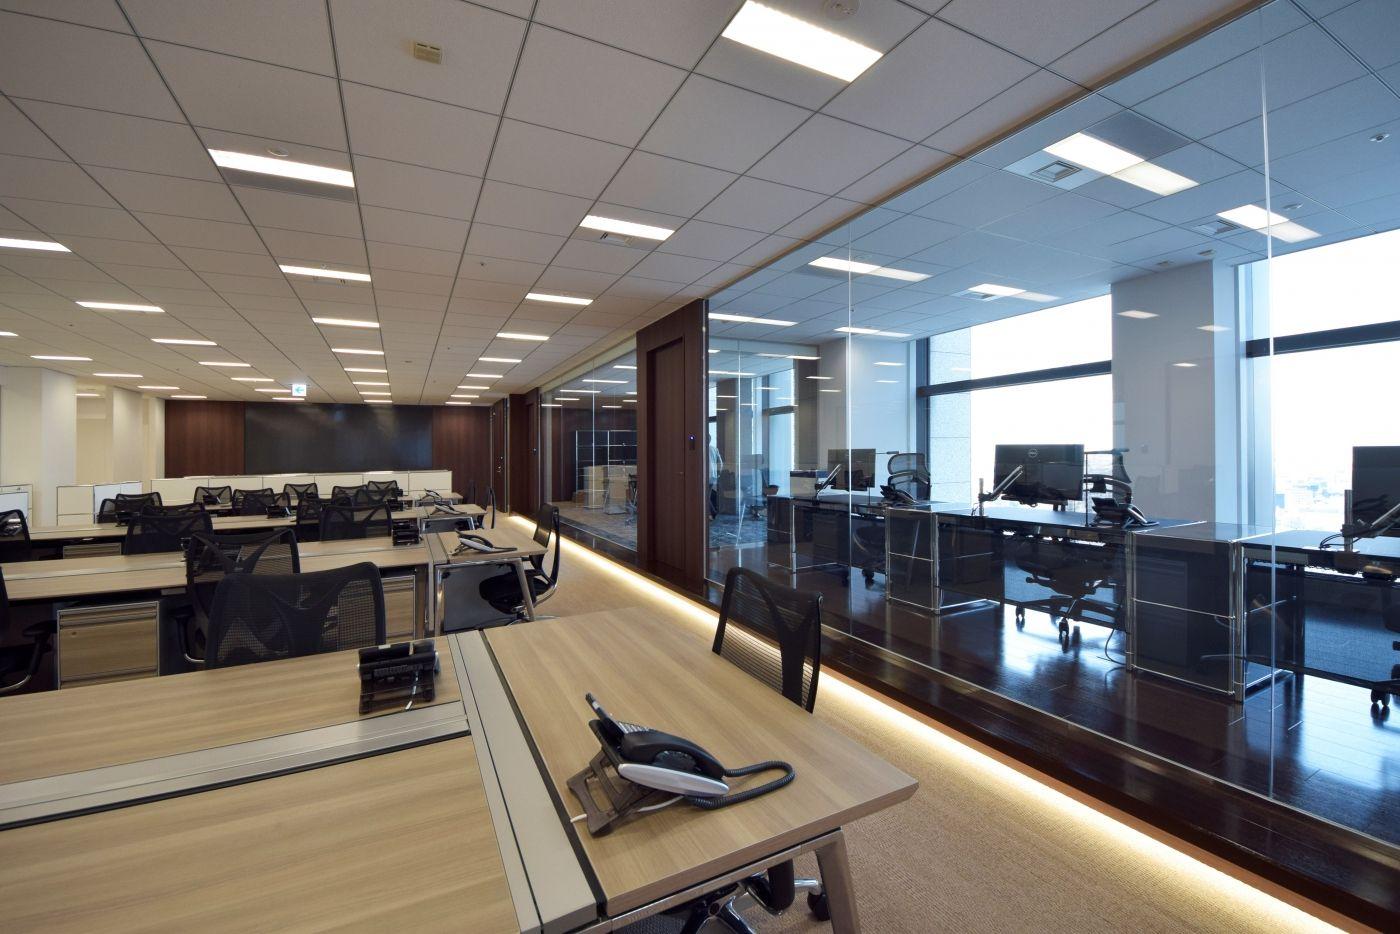 オフィスデザイン実績 グループのフラッグシップオフィスとして相応しい 高品質なラウンジオフィス ラウンジ オフィスデザイン デザイン